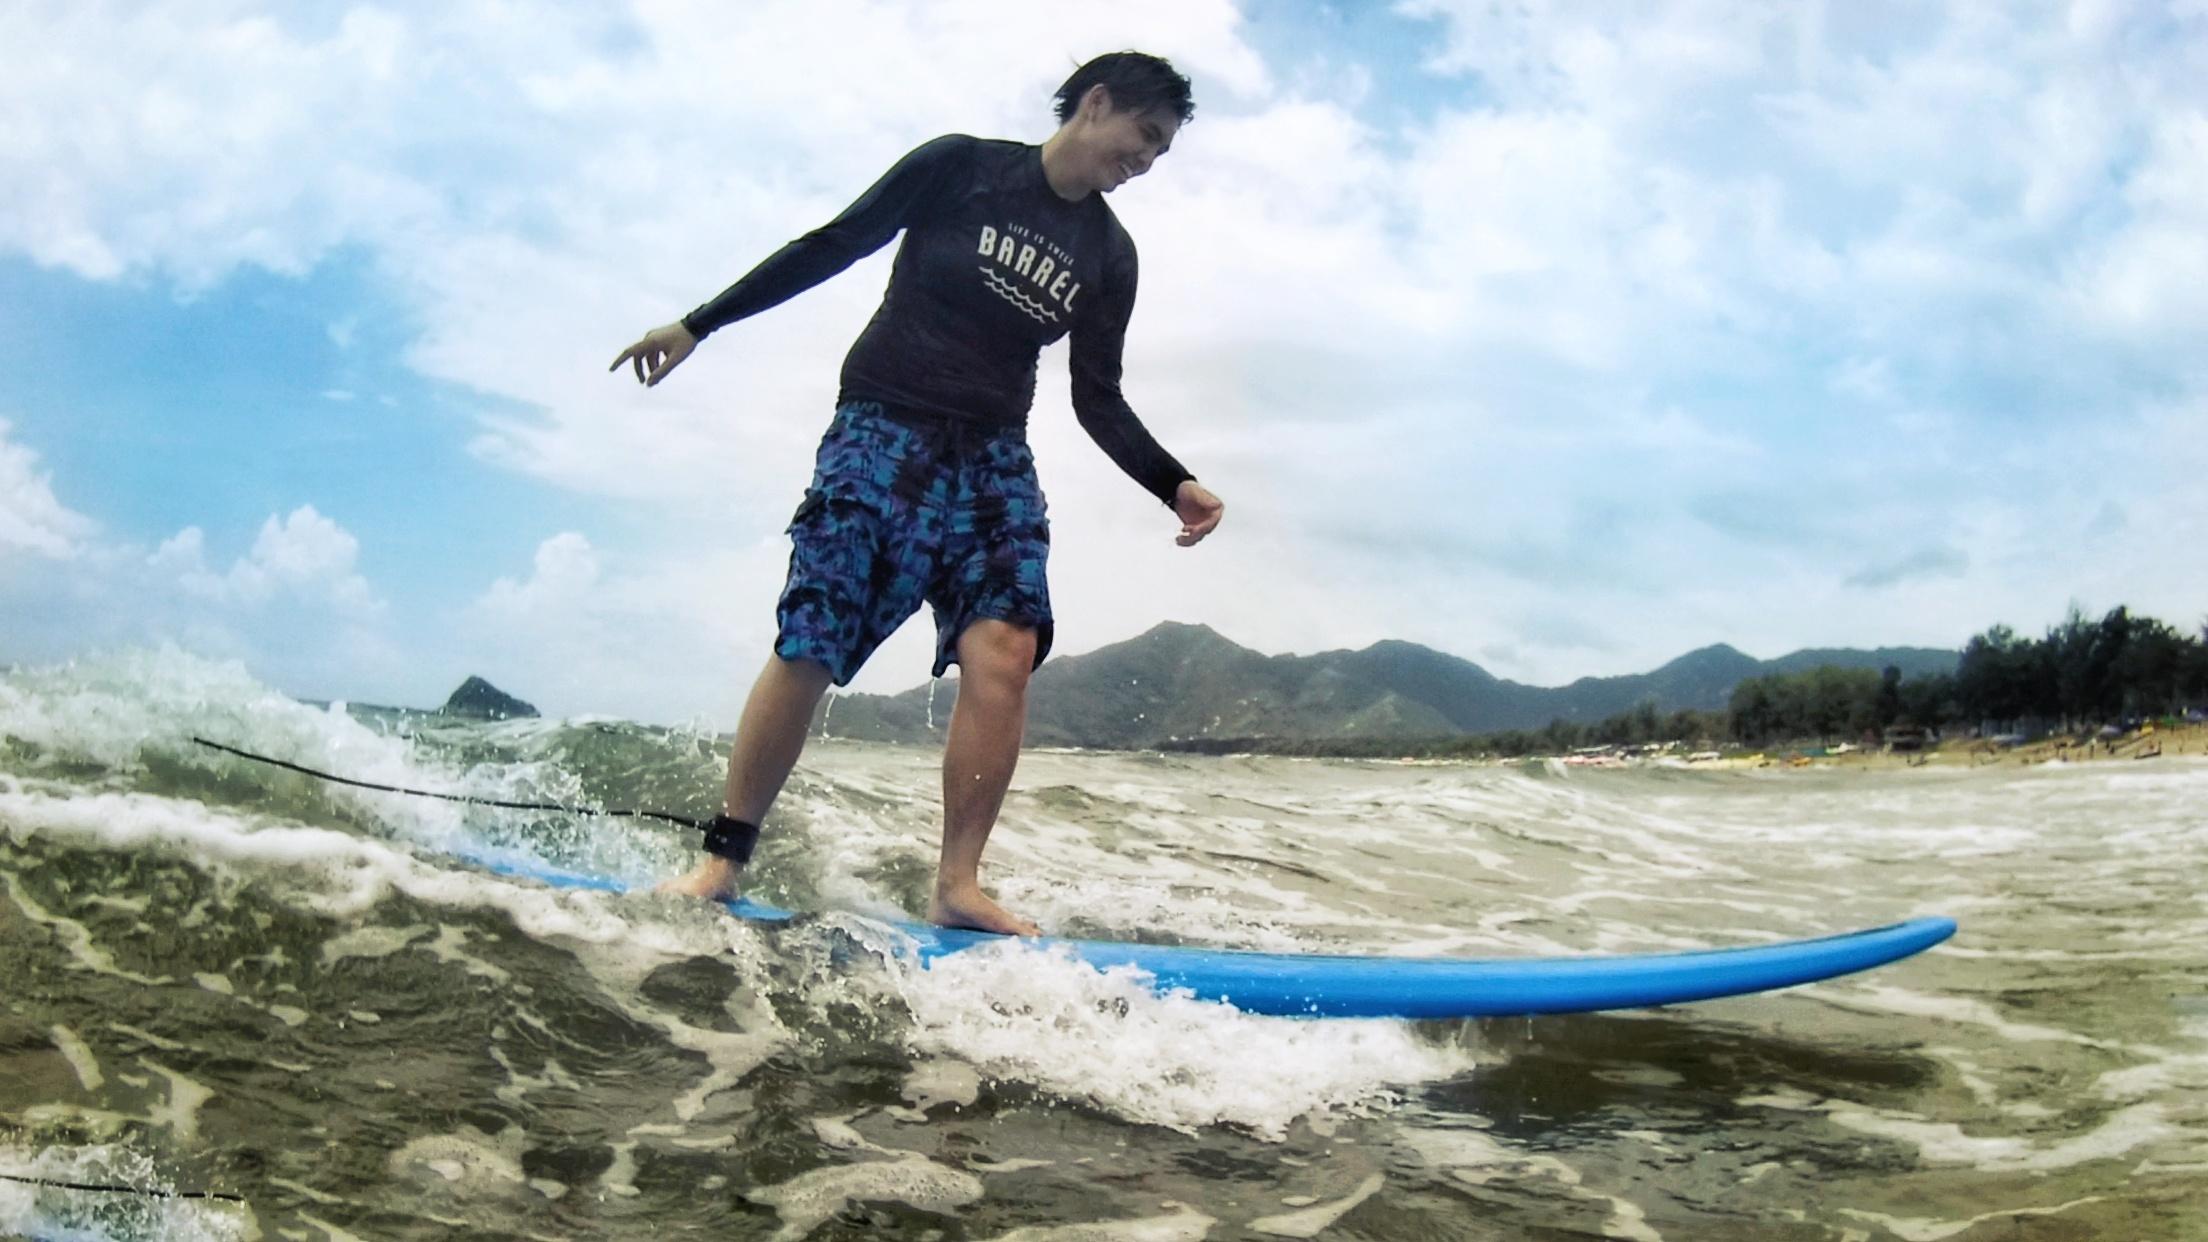 体验冲浪课程,新手也能短时间内学会并站板